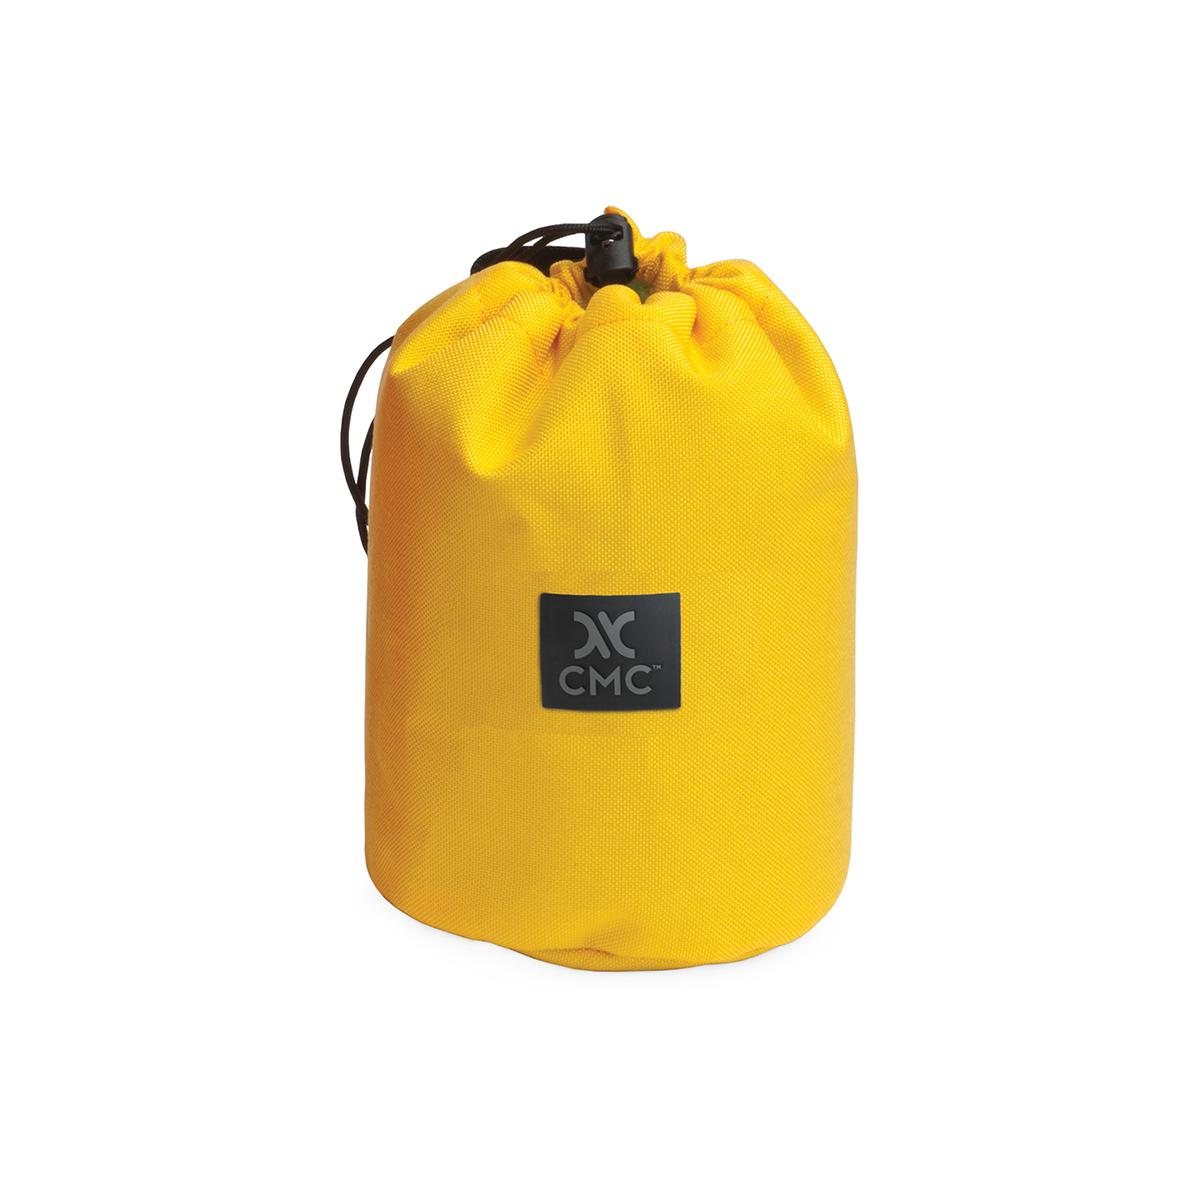 Cmc Rescue Small Stuff Bag Yellow